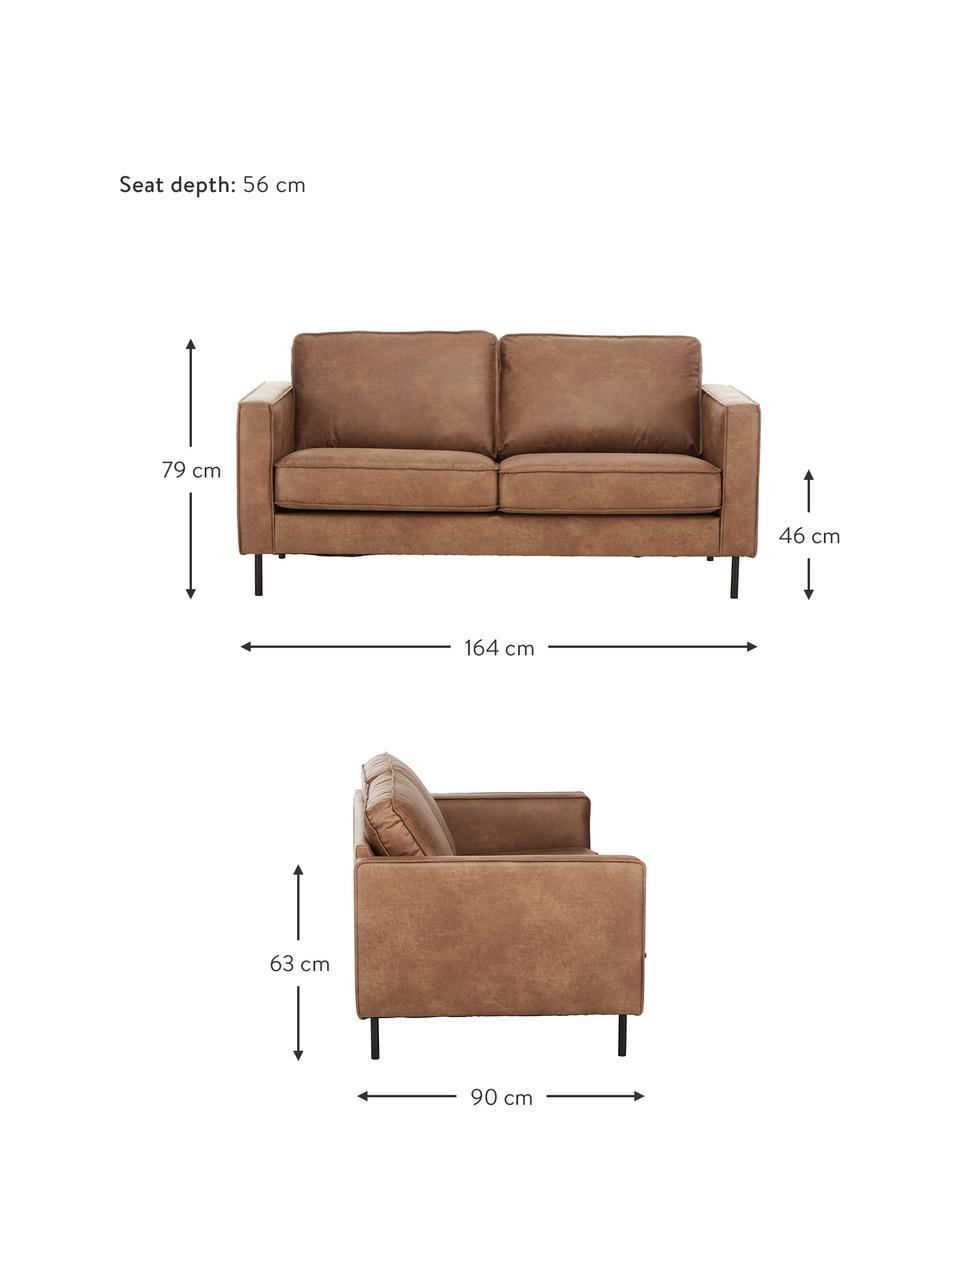 Sofa ze skóry z recyklingu Hunter (2-osobowa), Tapicerka: skóra z recyklingu (70% s, Nogi: tworzywo sztuczne, Brązowy, S 164 x G 90 cm